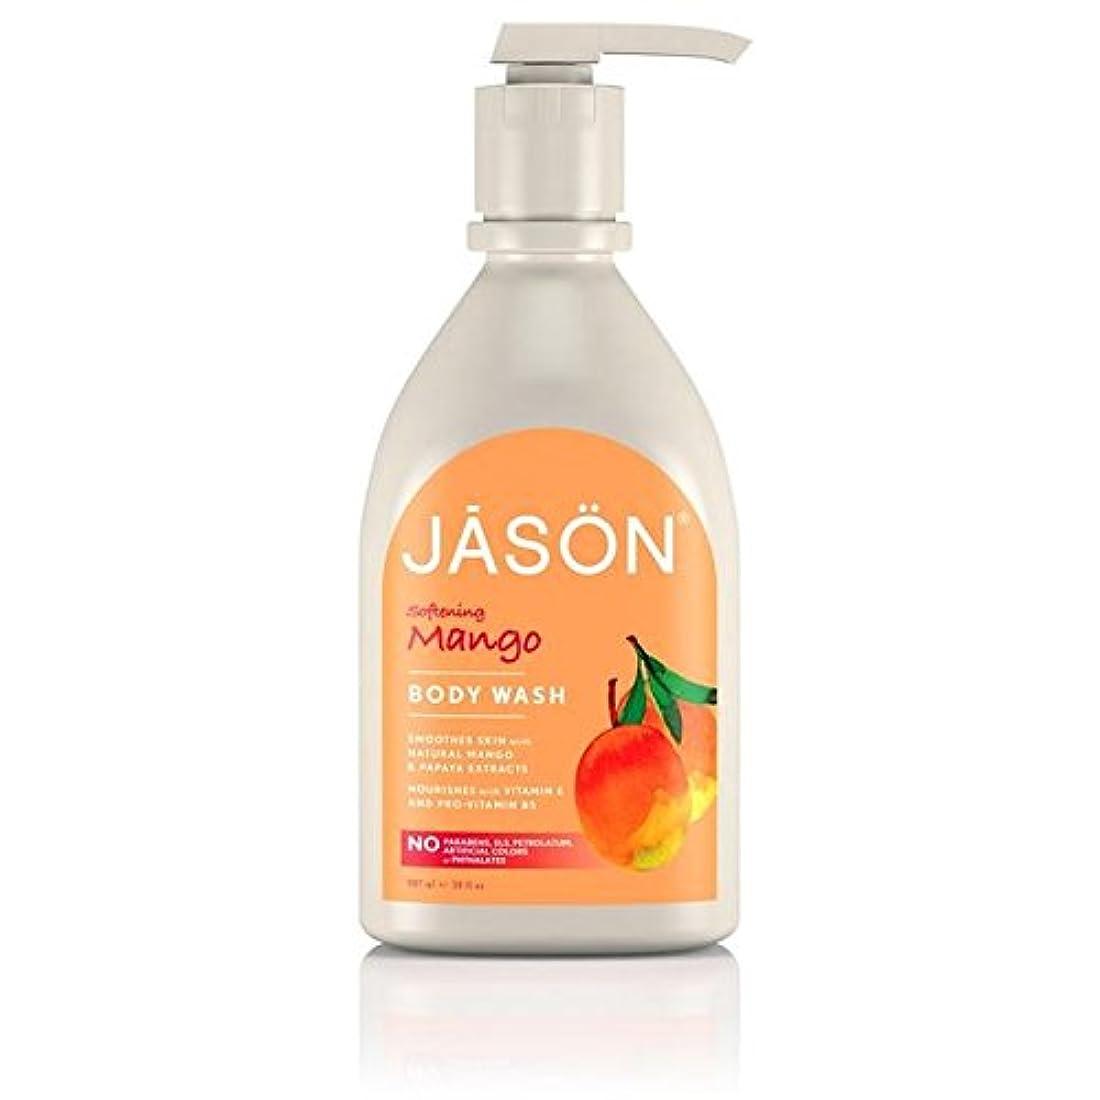 シリアル眉をひそめる吹雪Jason Mango Satin Body Wash Pump 900ml - ジェイソン?マンゴーサテンボディウォッシュポンプ900ミリリットル [並行輸入品]